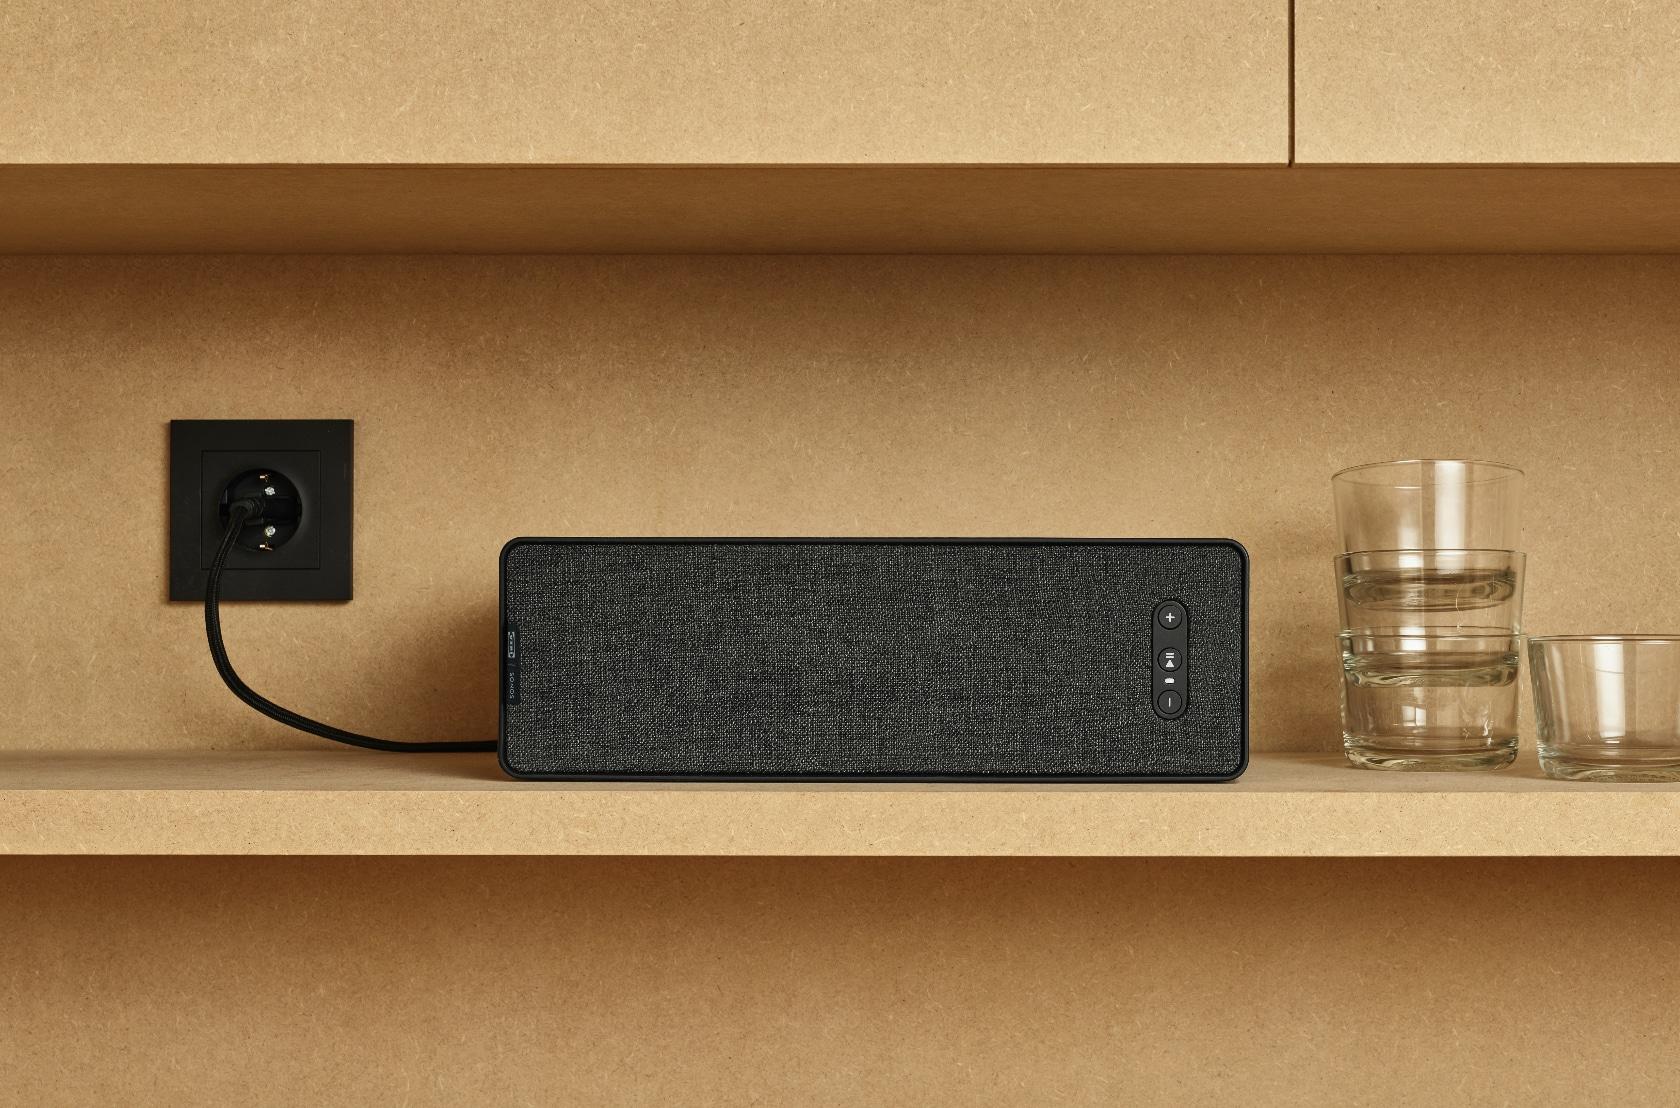 Ikea Und Sonos Neue Symfonisk Lautsprecher Im Test Homekit Blog